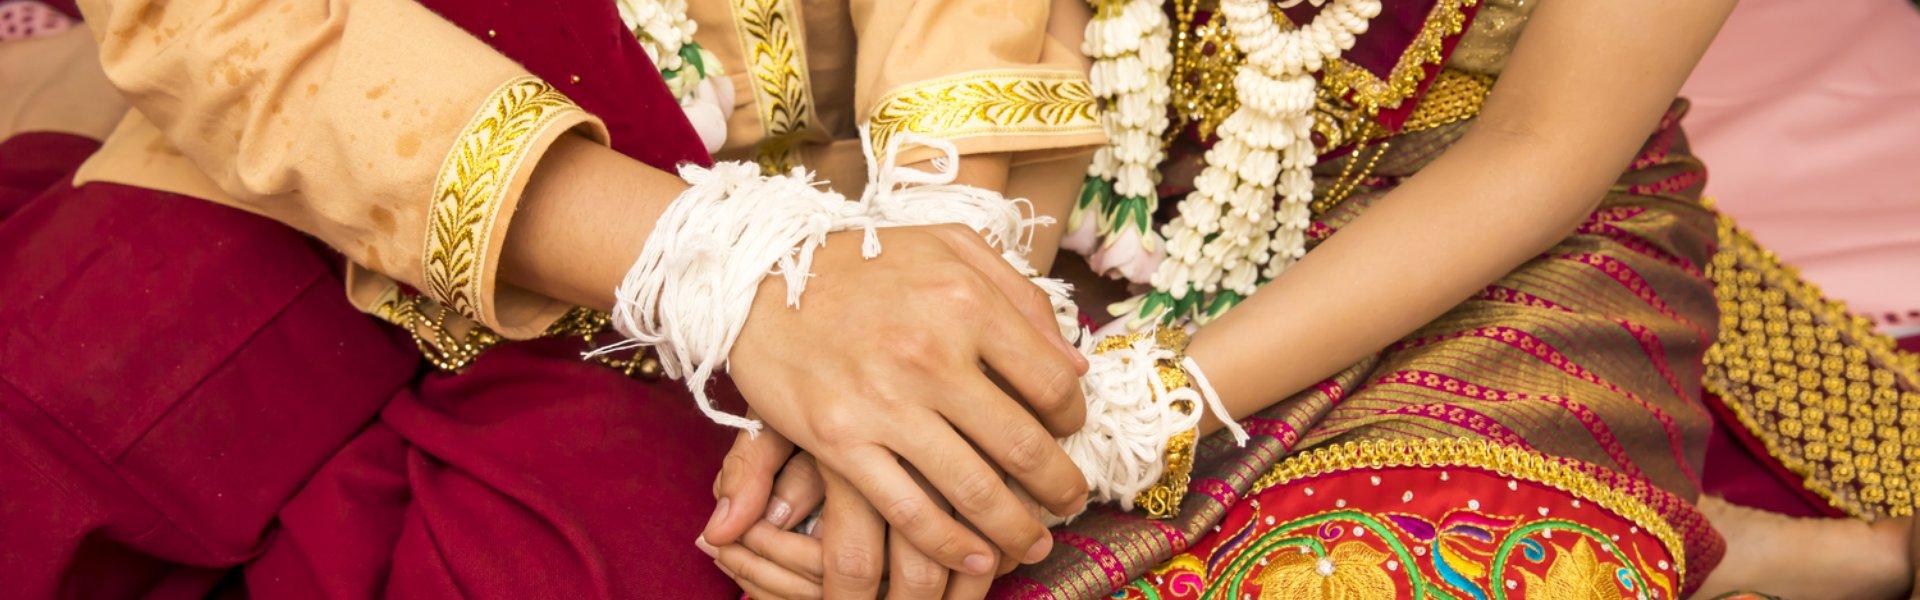 Thai dating matrimonio incontri ex consiglio di un amico